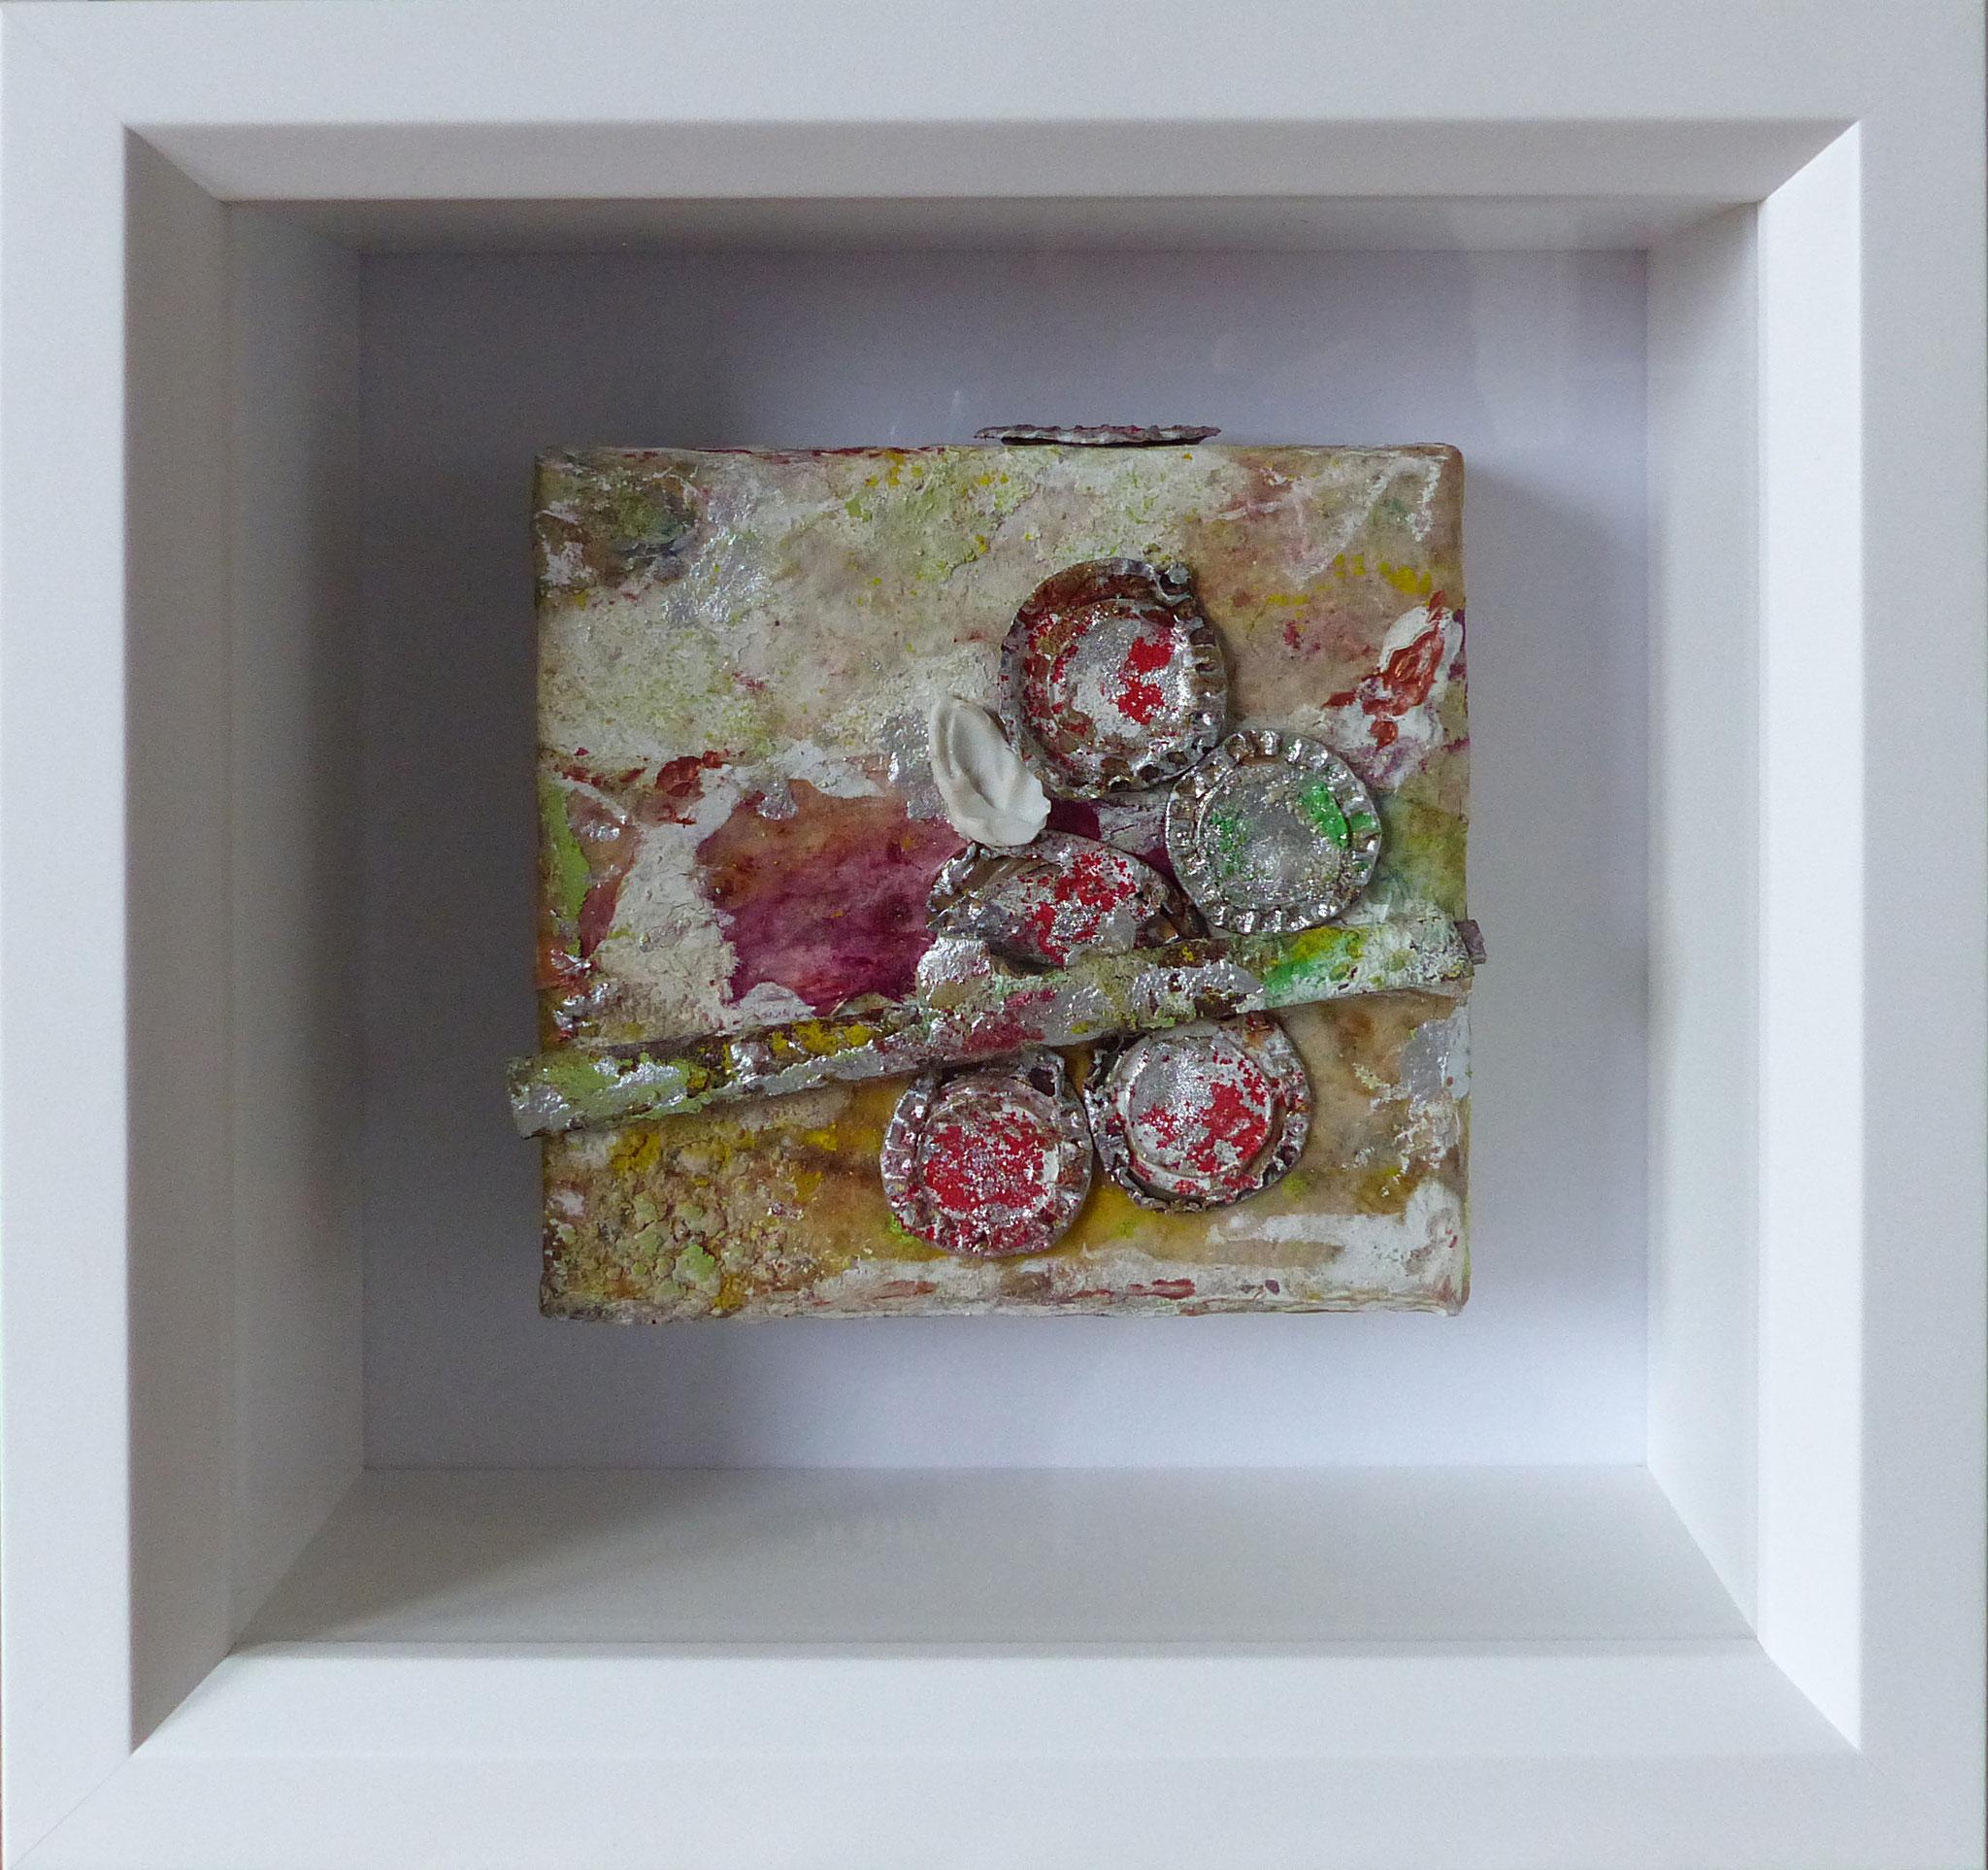 Löffelchen, 2018, 20x20 cm im Objektrahmen, verkauft